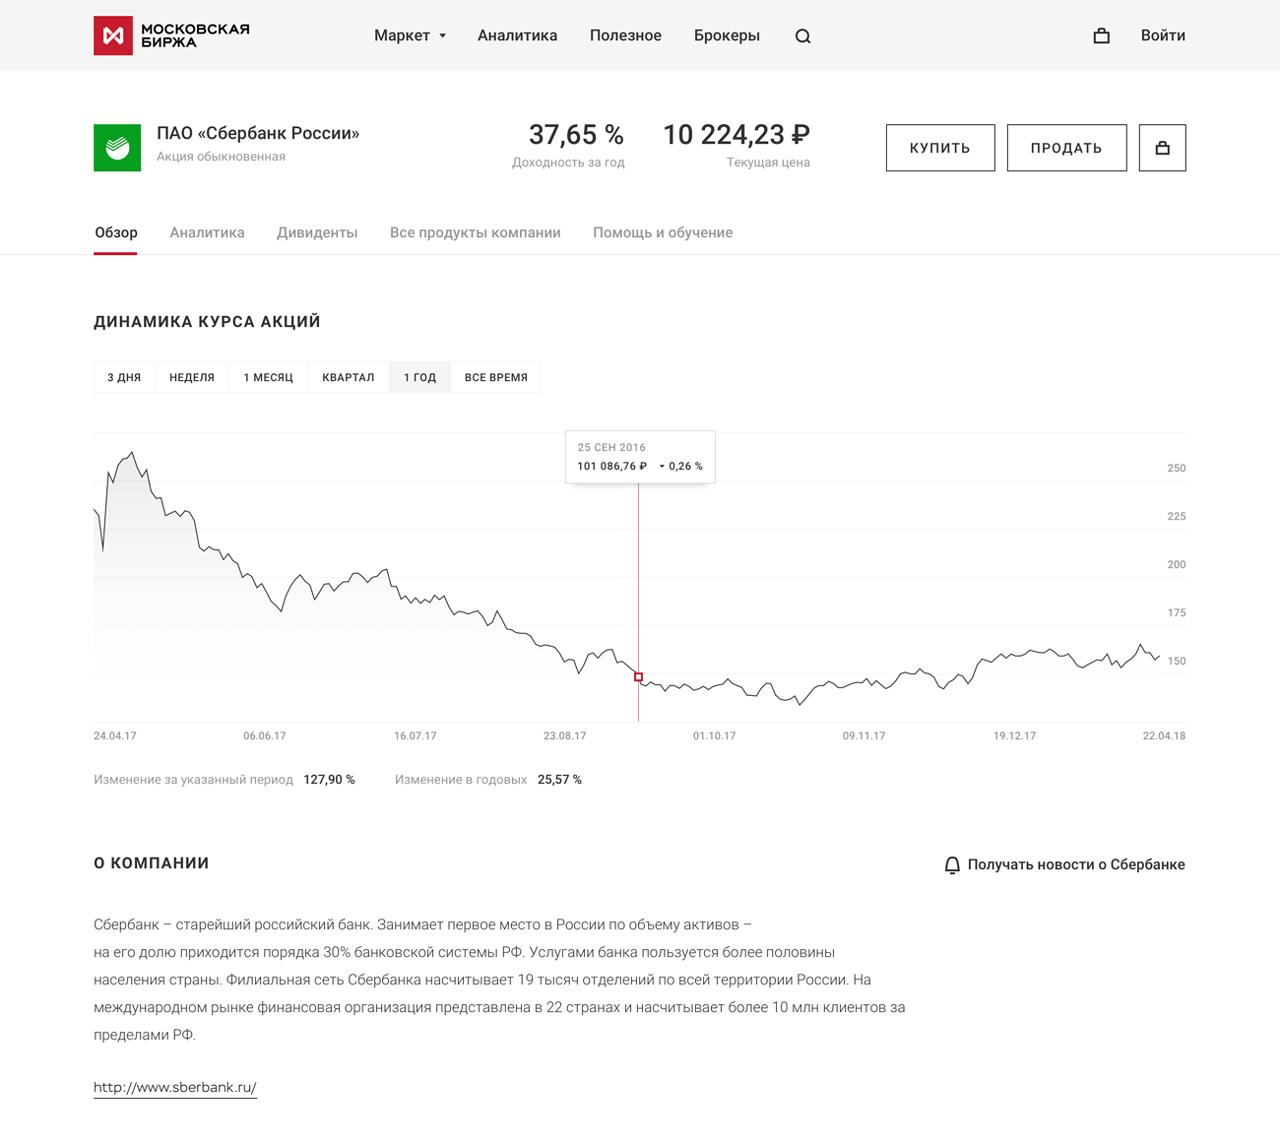 Создание маркетплейса инвестиций Московской биржи